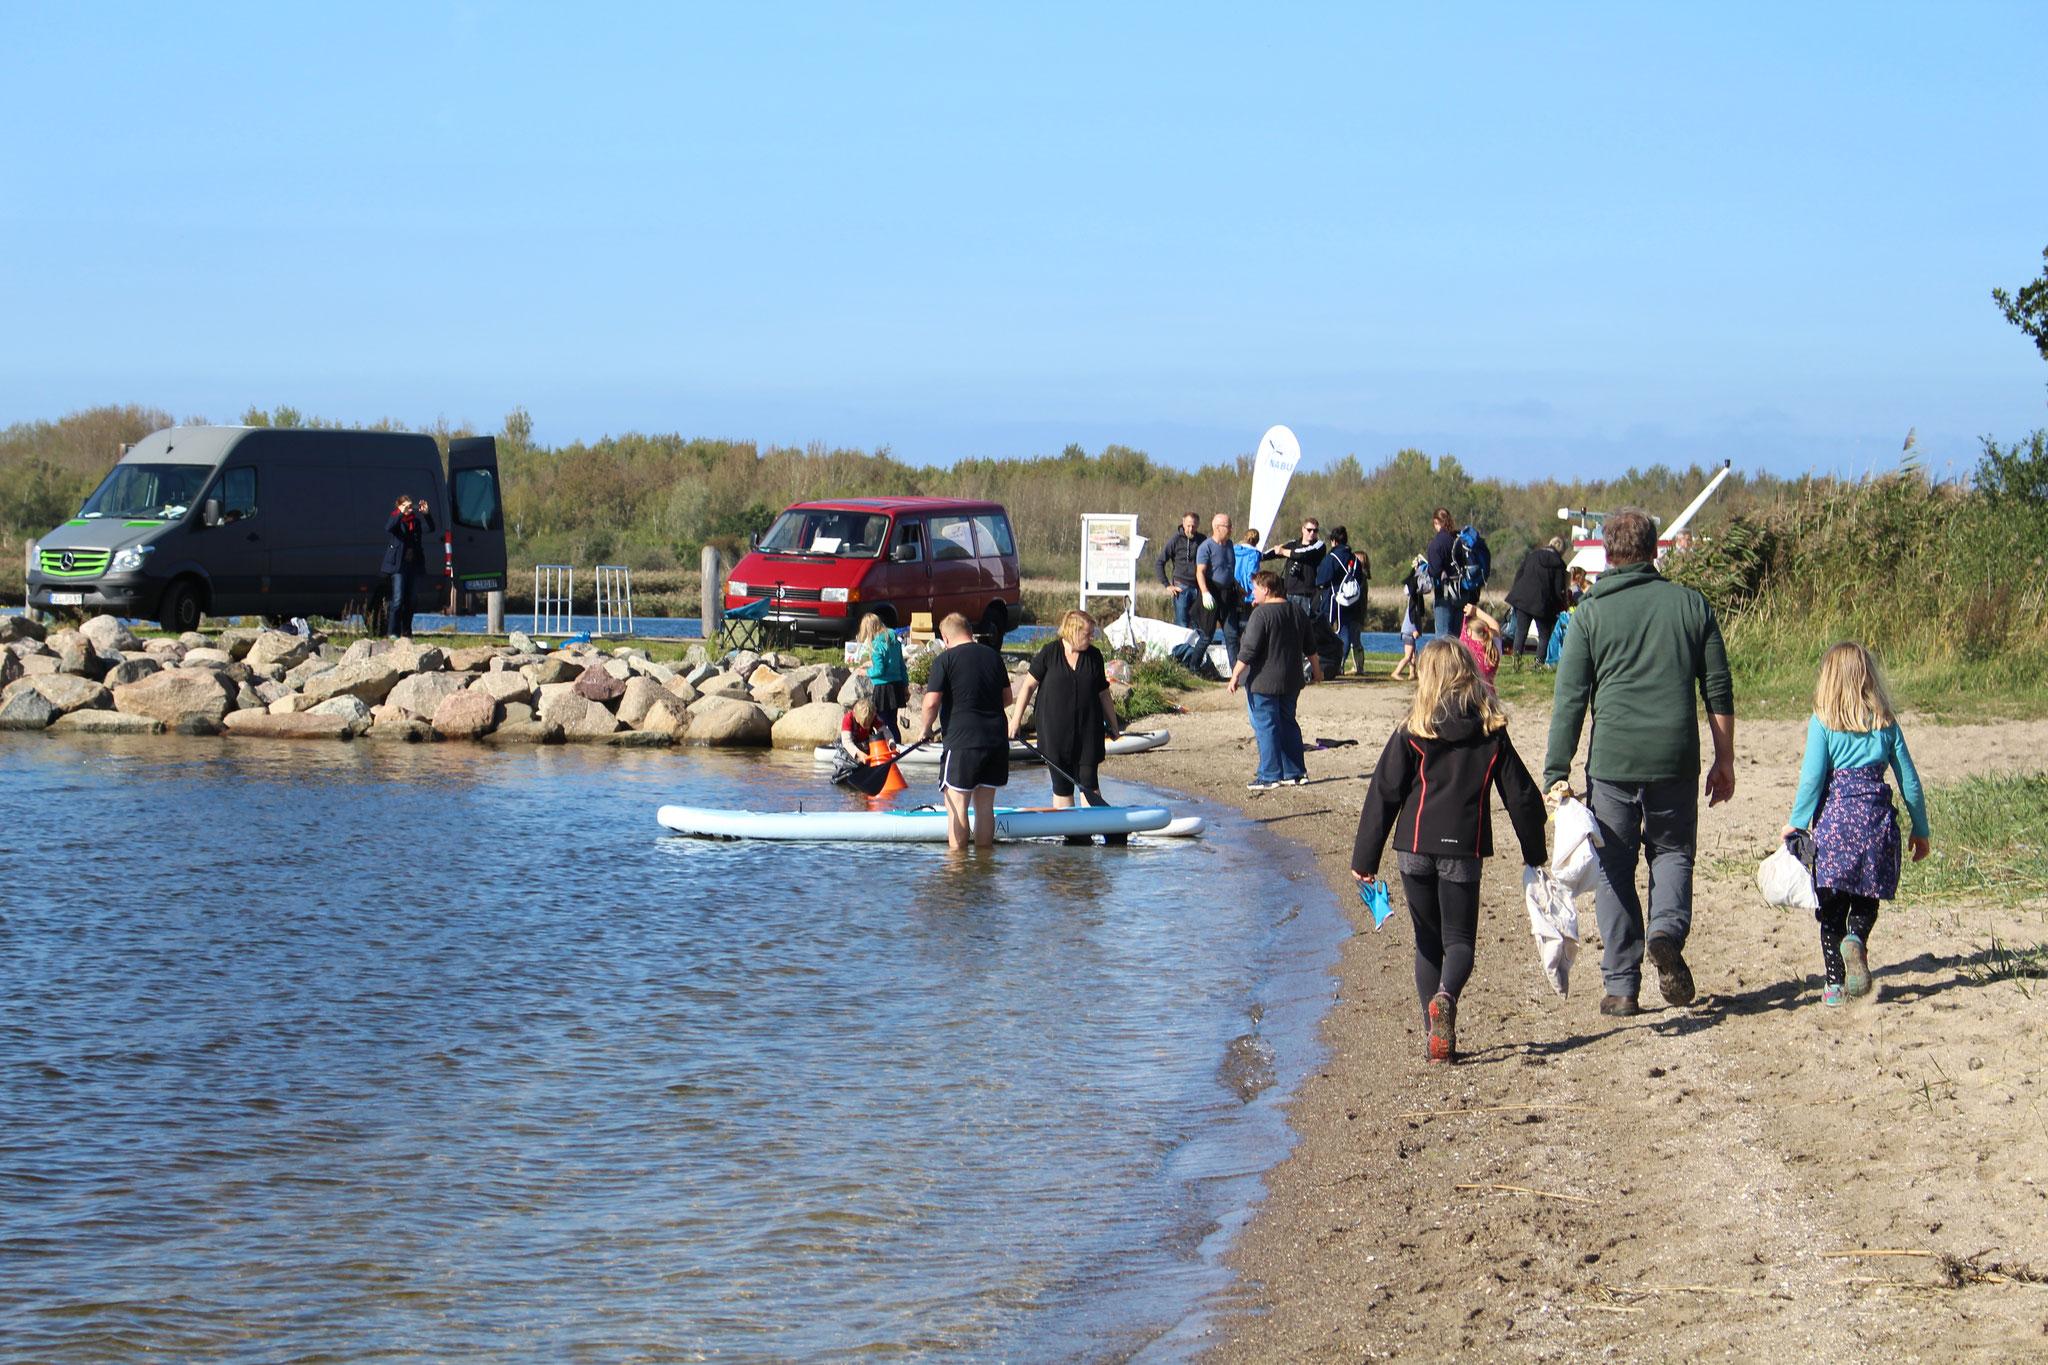 Fleißige Helfer*inen tragen von Mikroplastik bis Rohren Müll am Strand zusammen. Bildautor: NABU Regionalverband Mittleres Mecklenburg e.V.